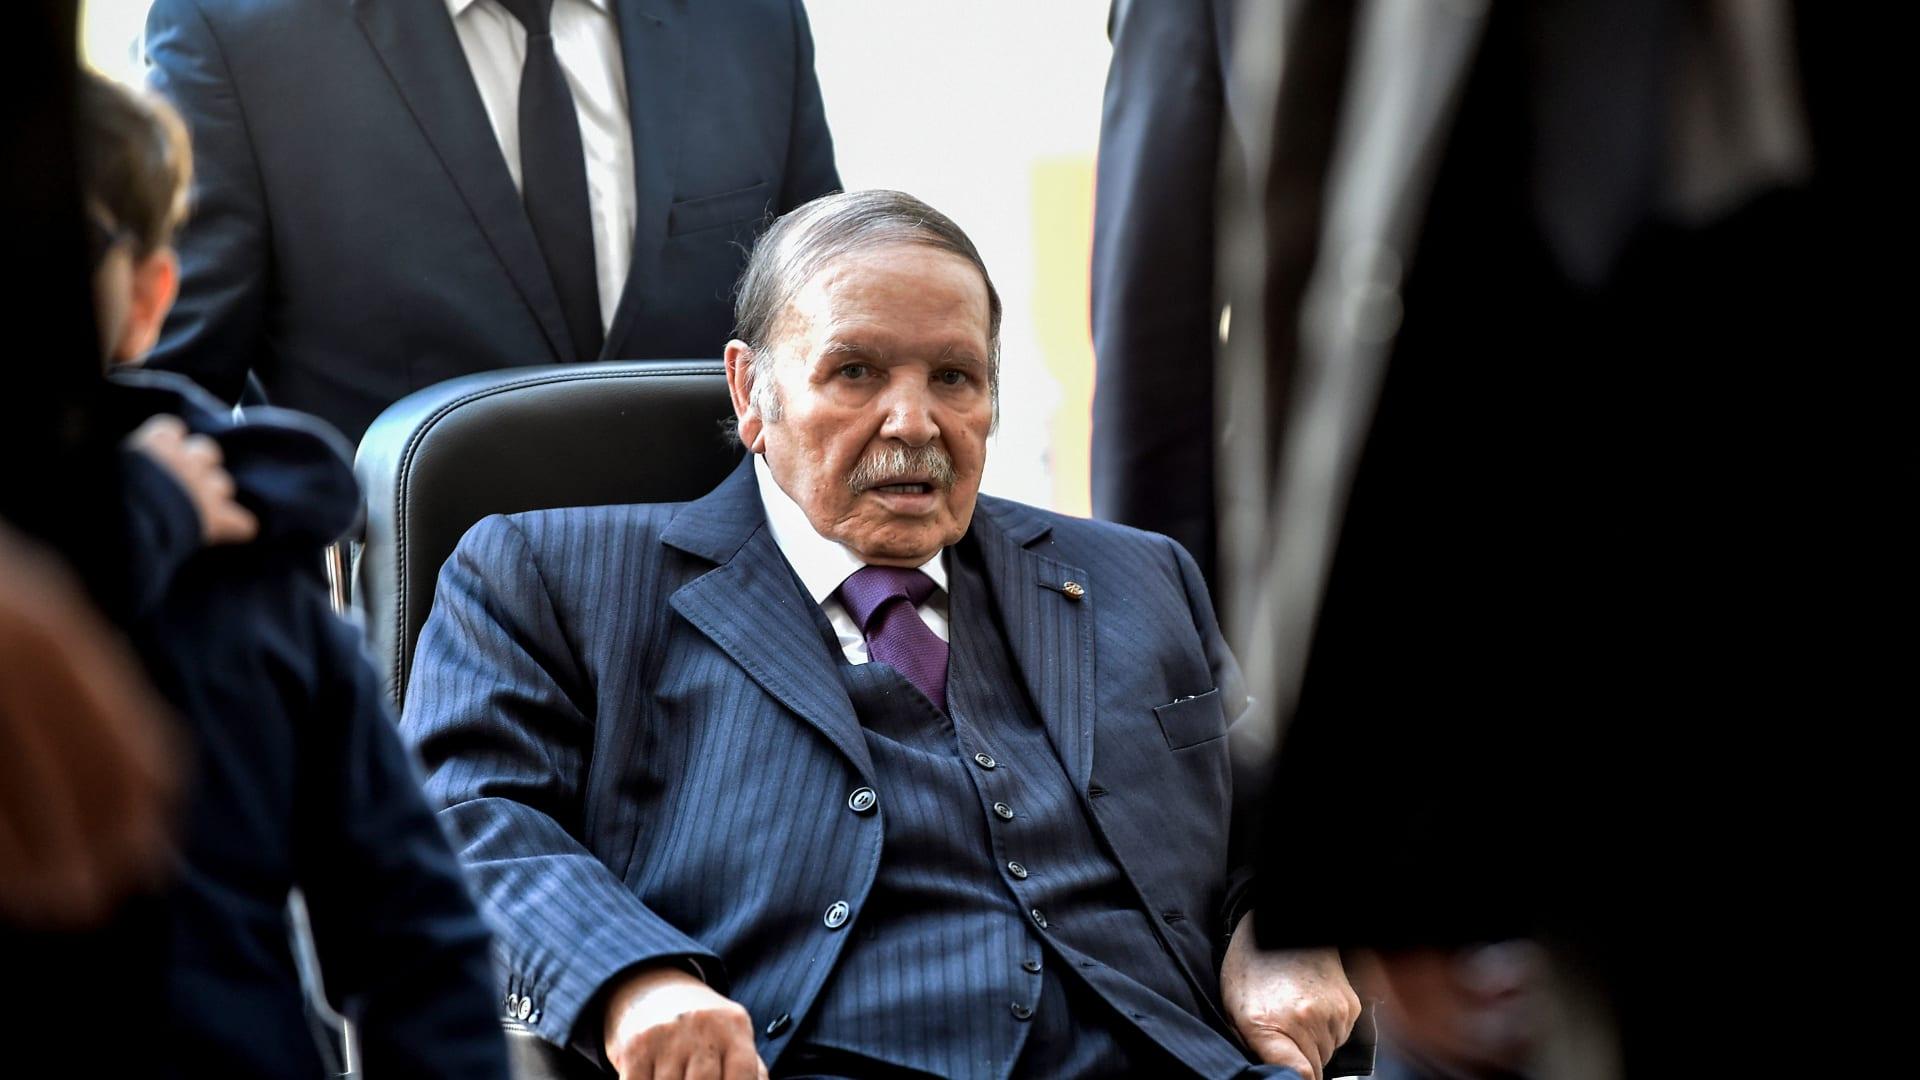 بوتفليقة يتعهد بإجراء انتخابات رئاسية مسبقة إن فاز بالرئاسة المقبلة